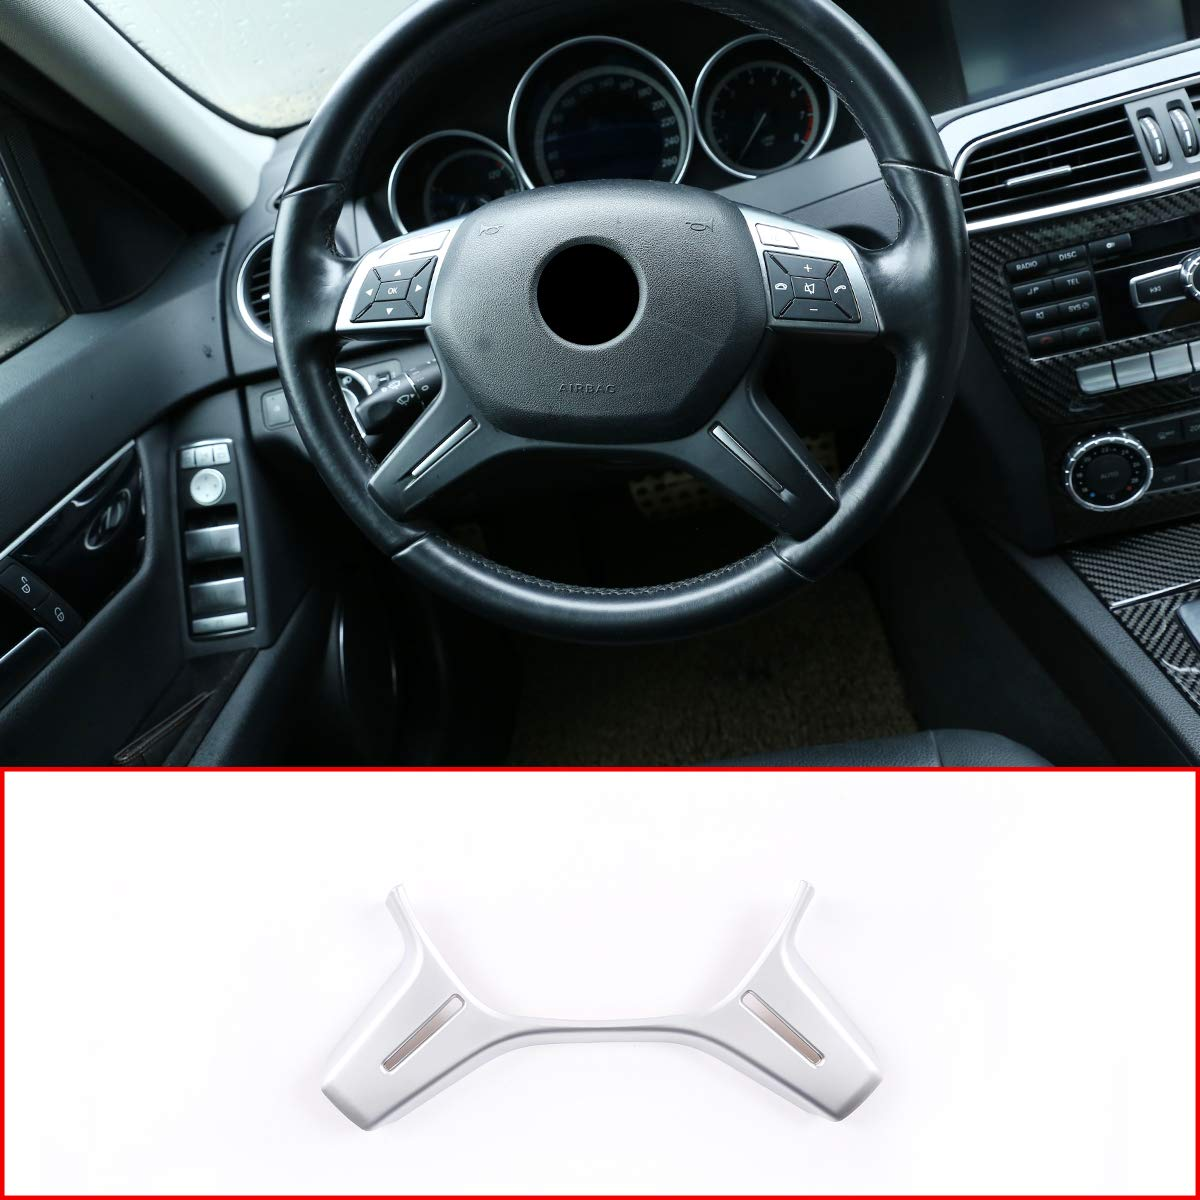 Accessoires de d/écoration pour volant de voiture E ML GL Classe W212 X166 W166 DIYUCAR 2013 D/écoration de volant de voiture en ABS chrom/é argent/é mat pour Benz Classe C W204 C180 C200 2011